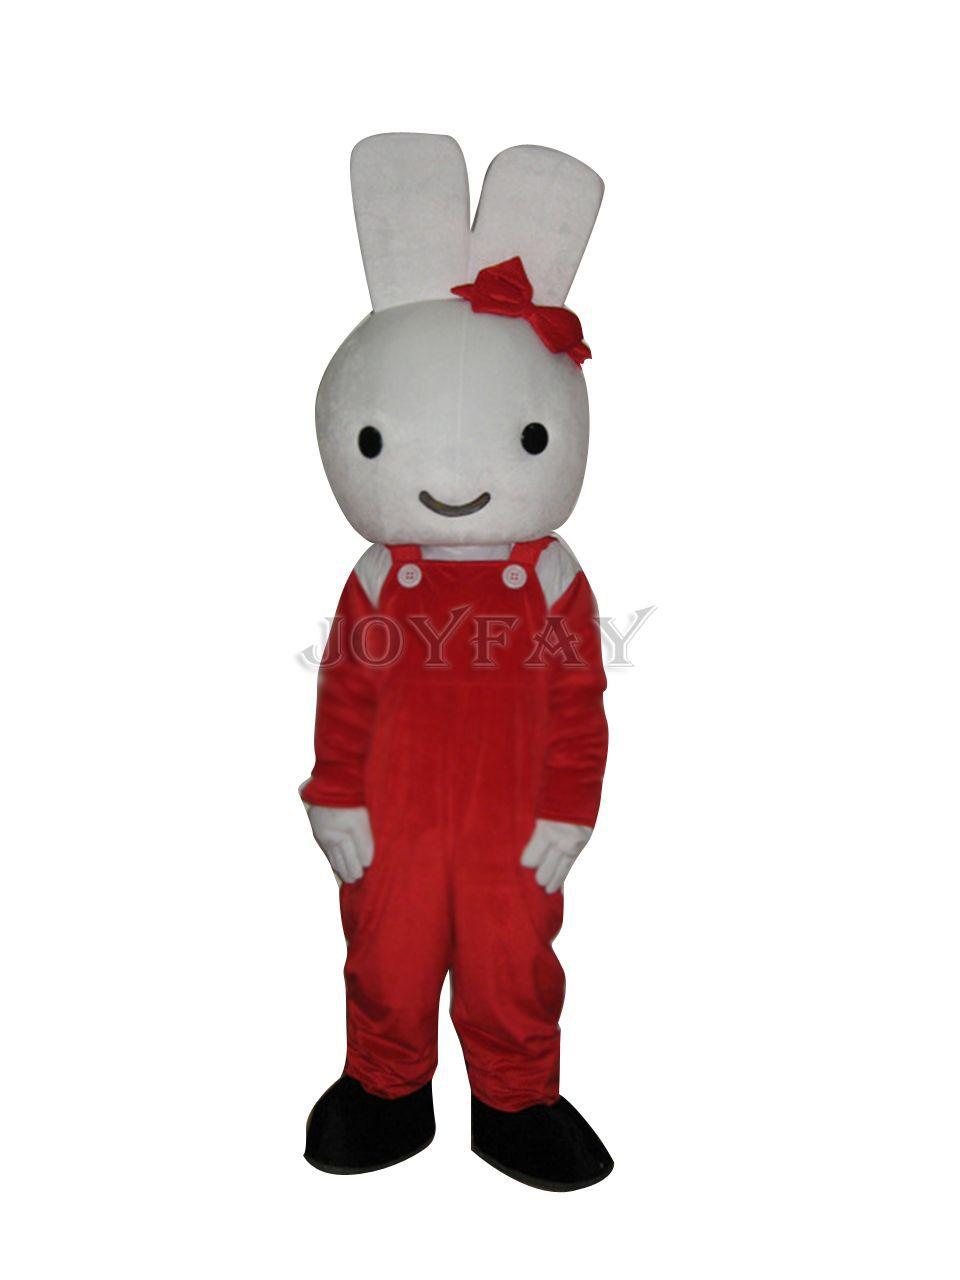 Rabbit Bunny Mascot Costume(China (Mainland))